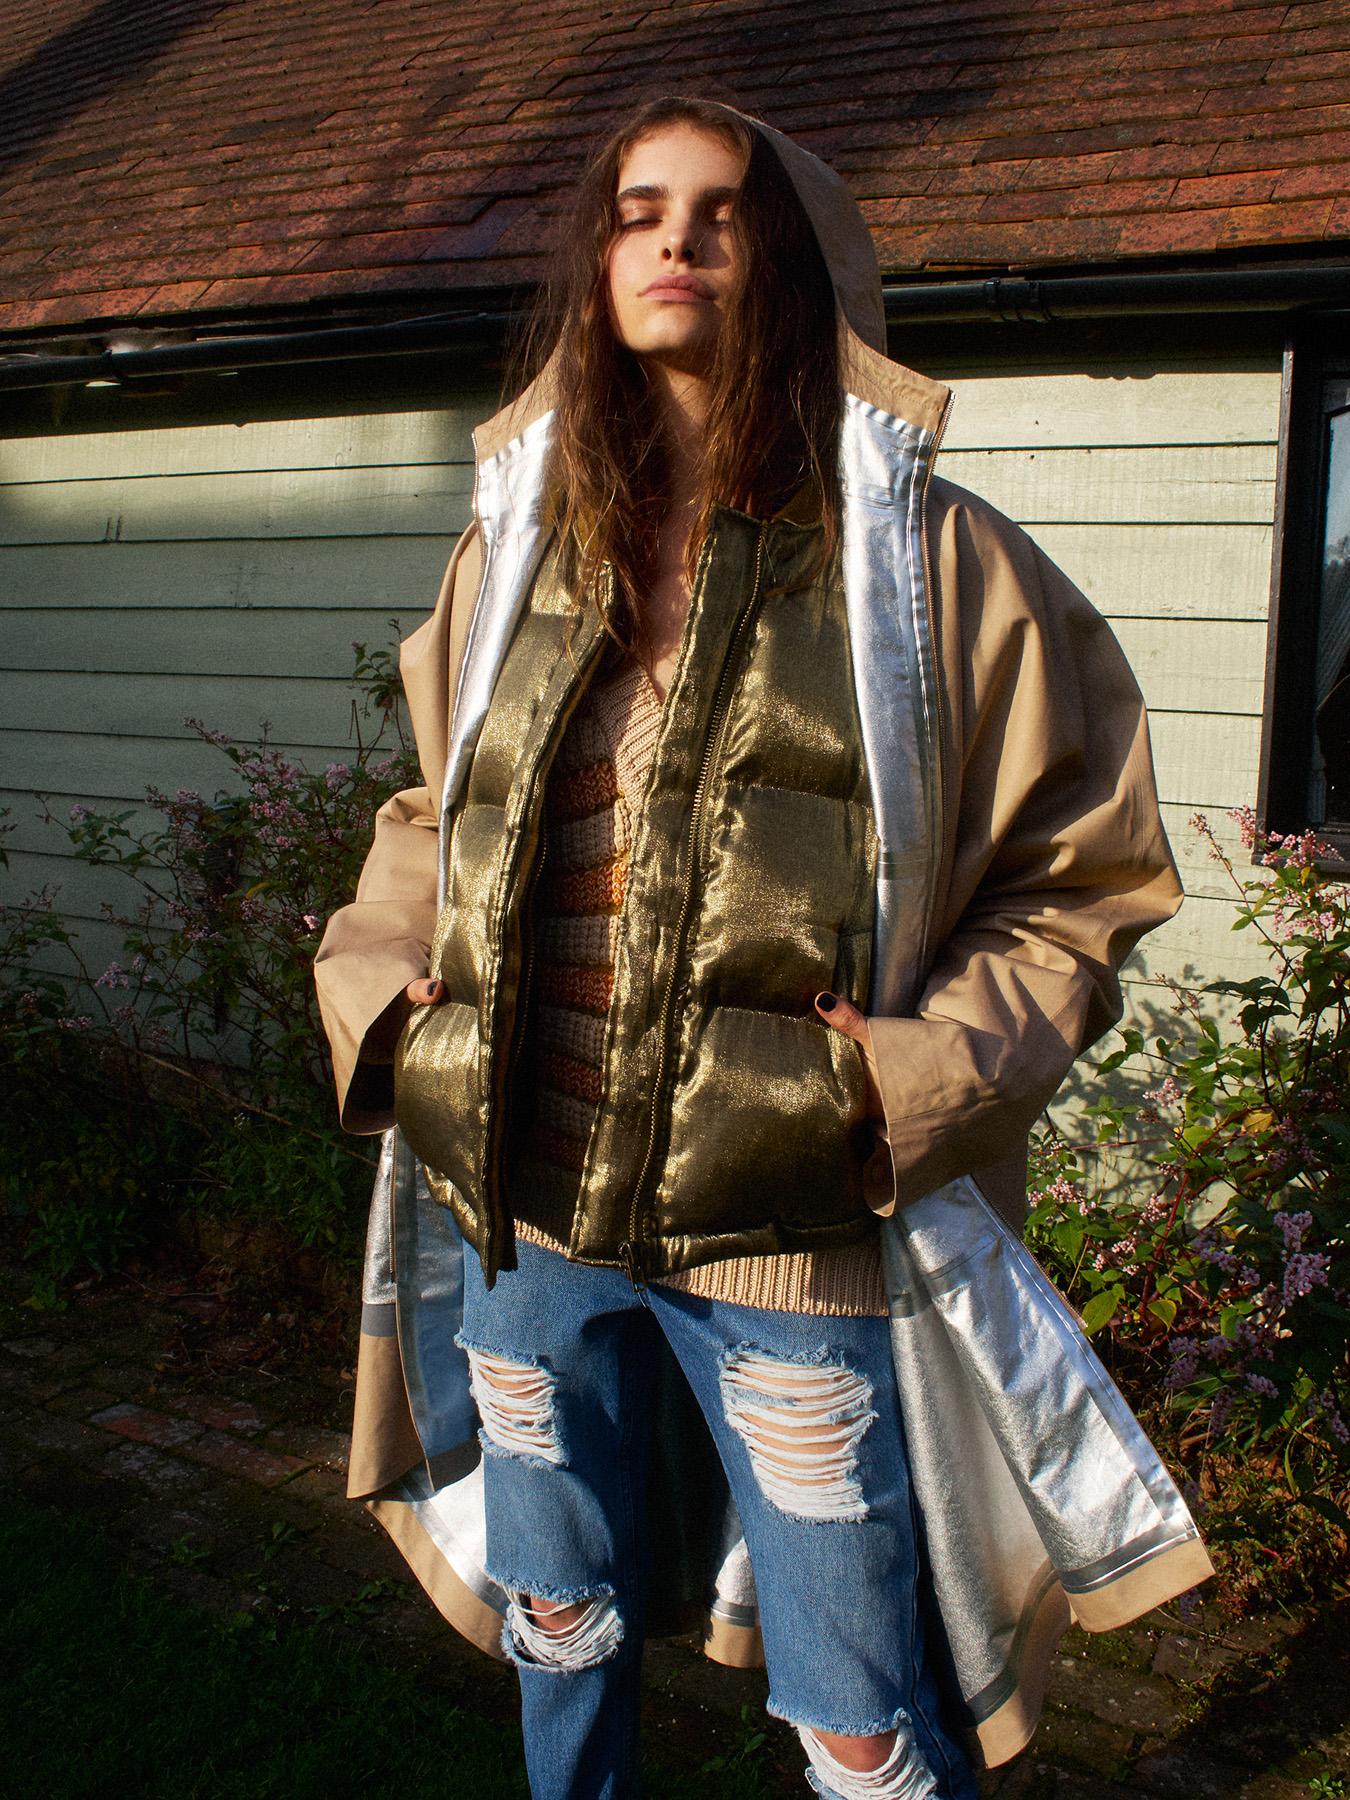 208-icon-artist-management-Kristin-Vicari-Fashion-Nylon06.jpg